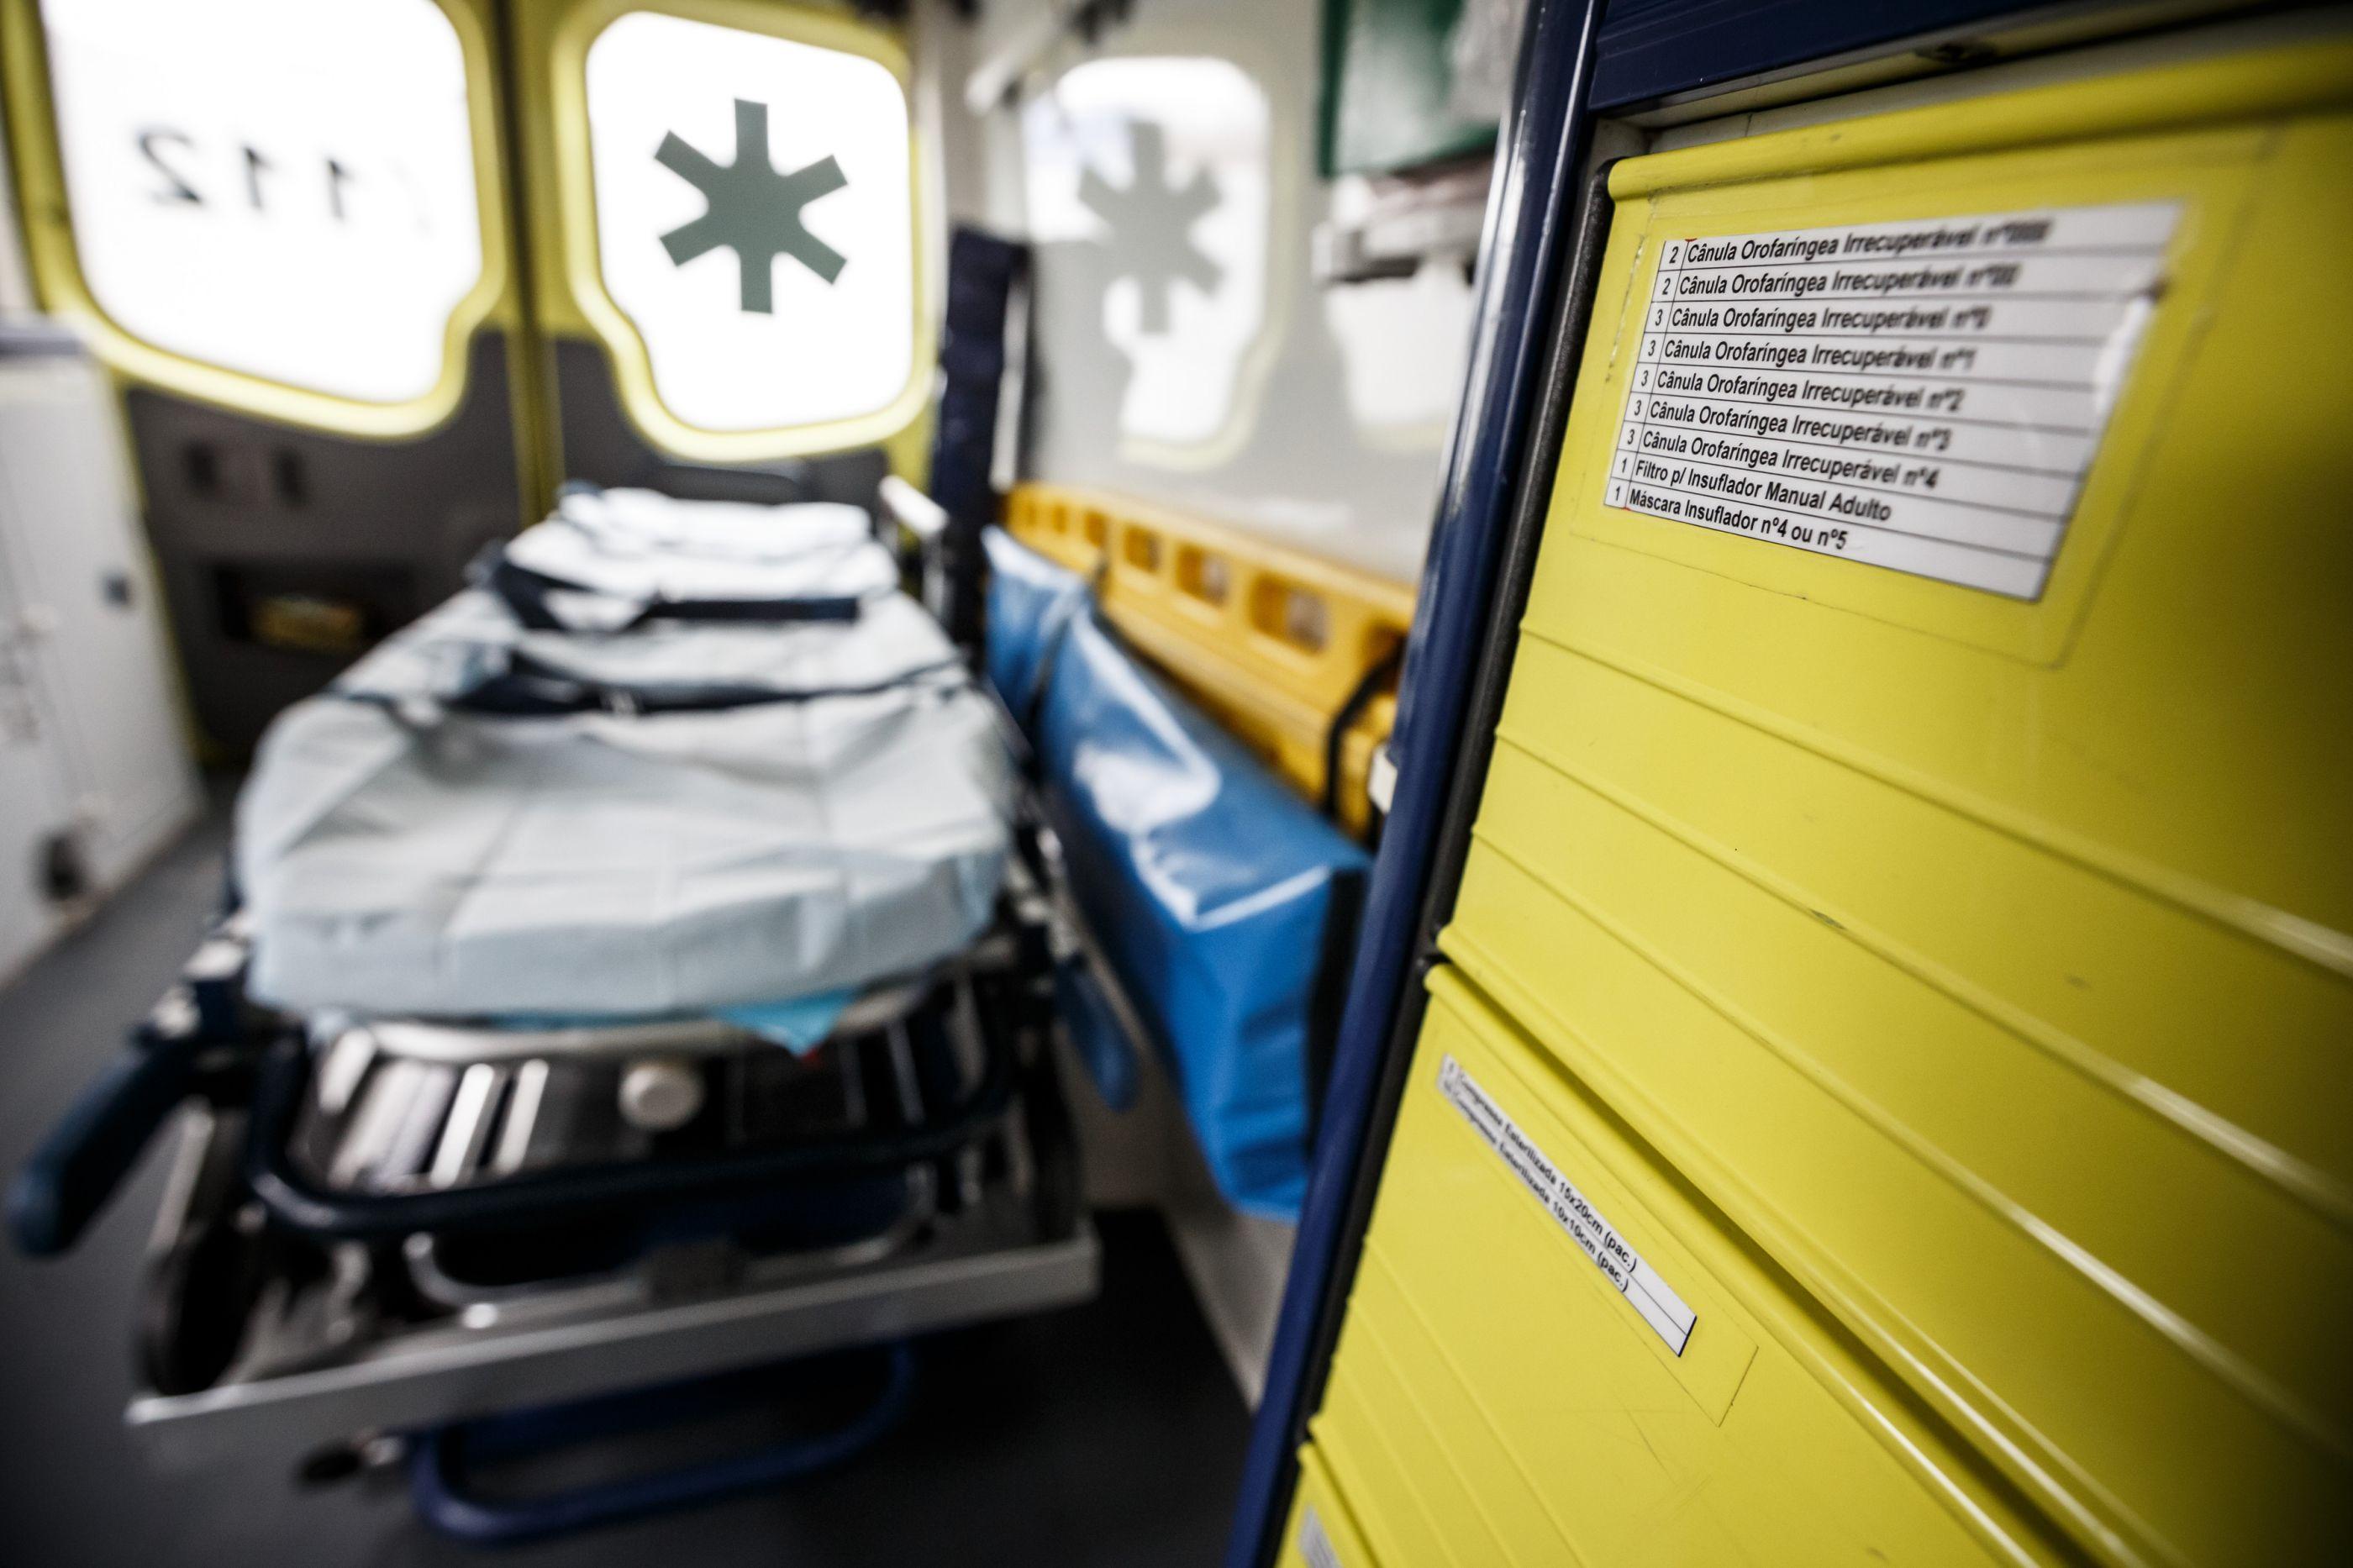 Sintra: Homem atropela ex-companheira com filha da vítima no carro